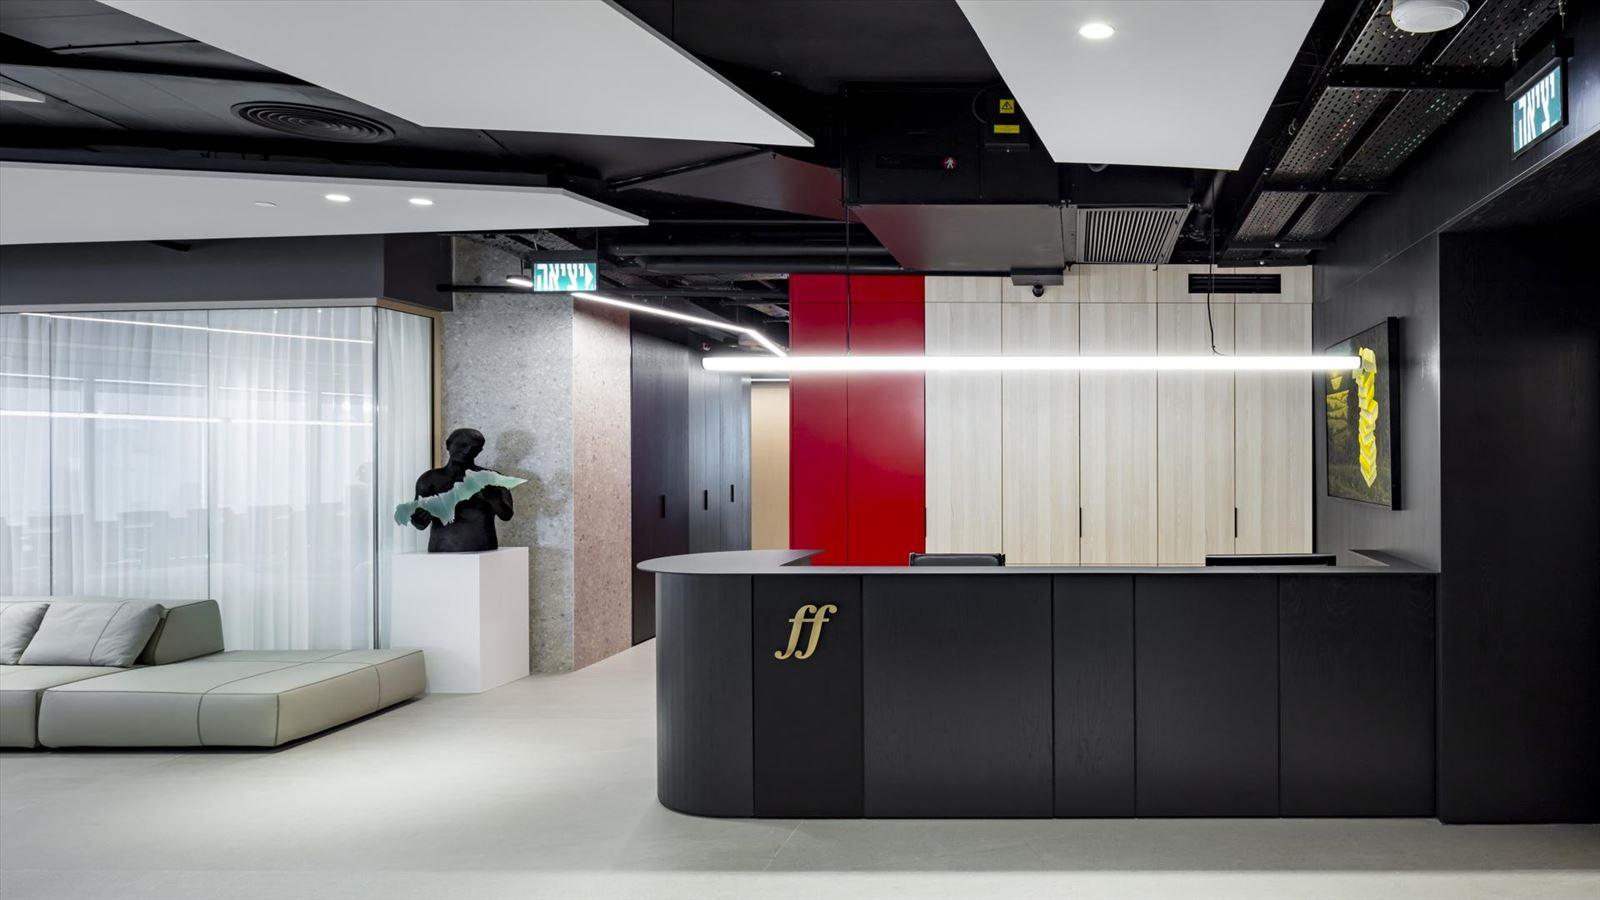 Fortissimo Offices – Tel Aviv דלפק הקבלה מואר בגוף תאורה הנעשה על ידי דורי מקחי